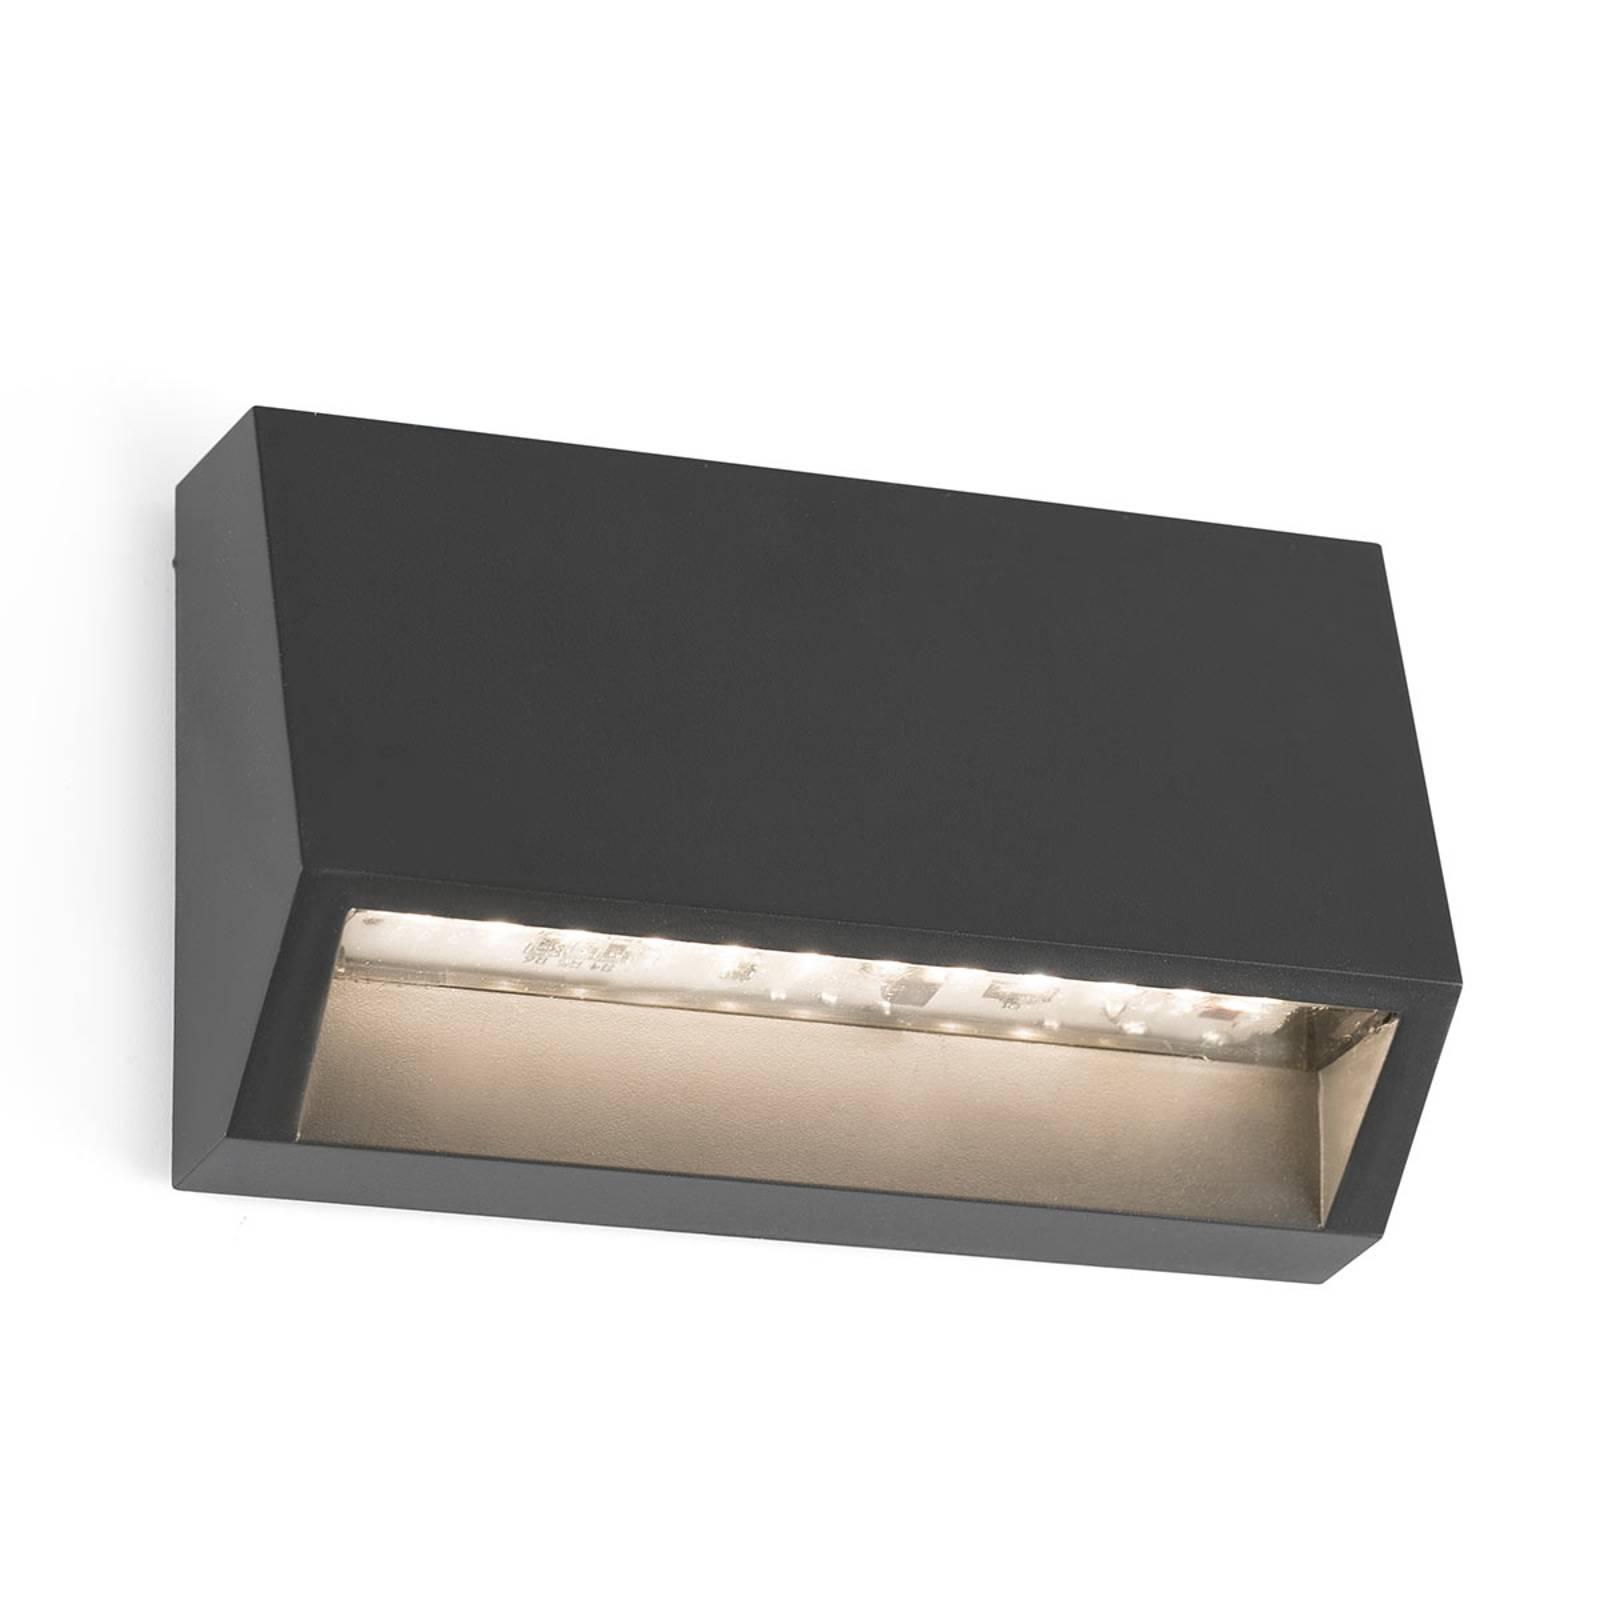 Hoekige LED buitenwandlamp Must - 9,6 cm